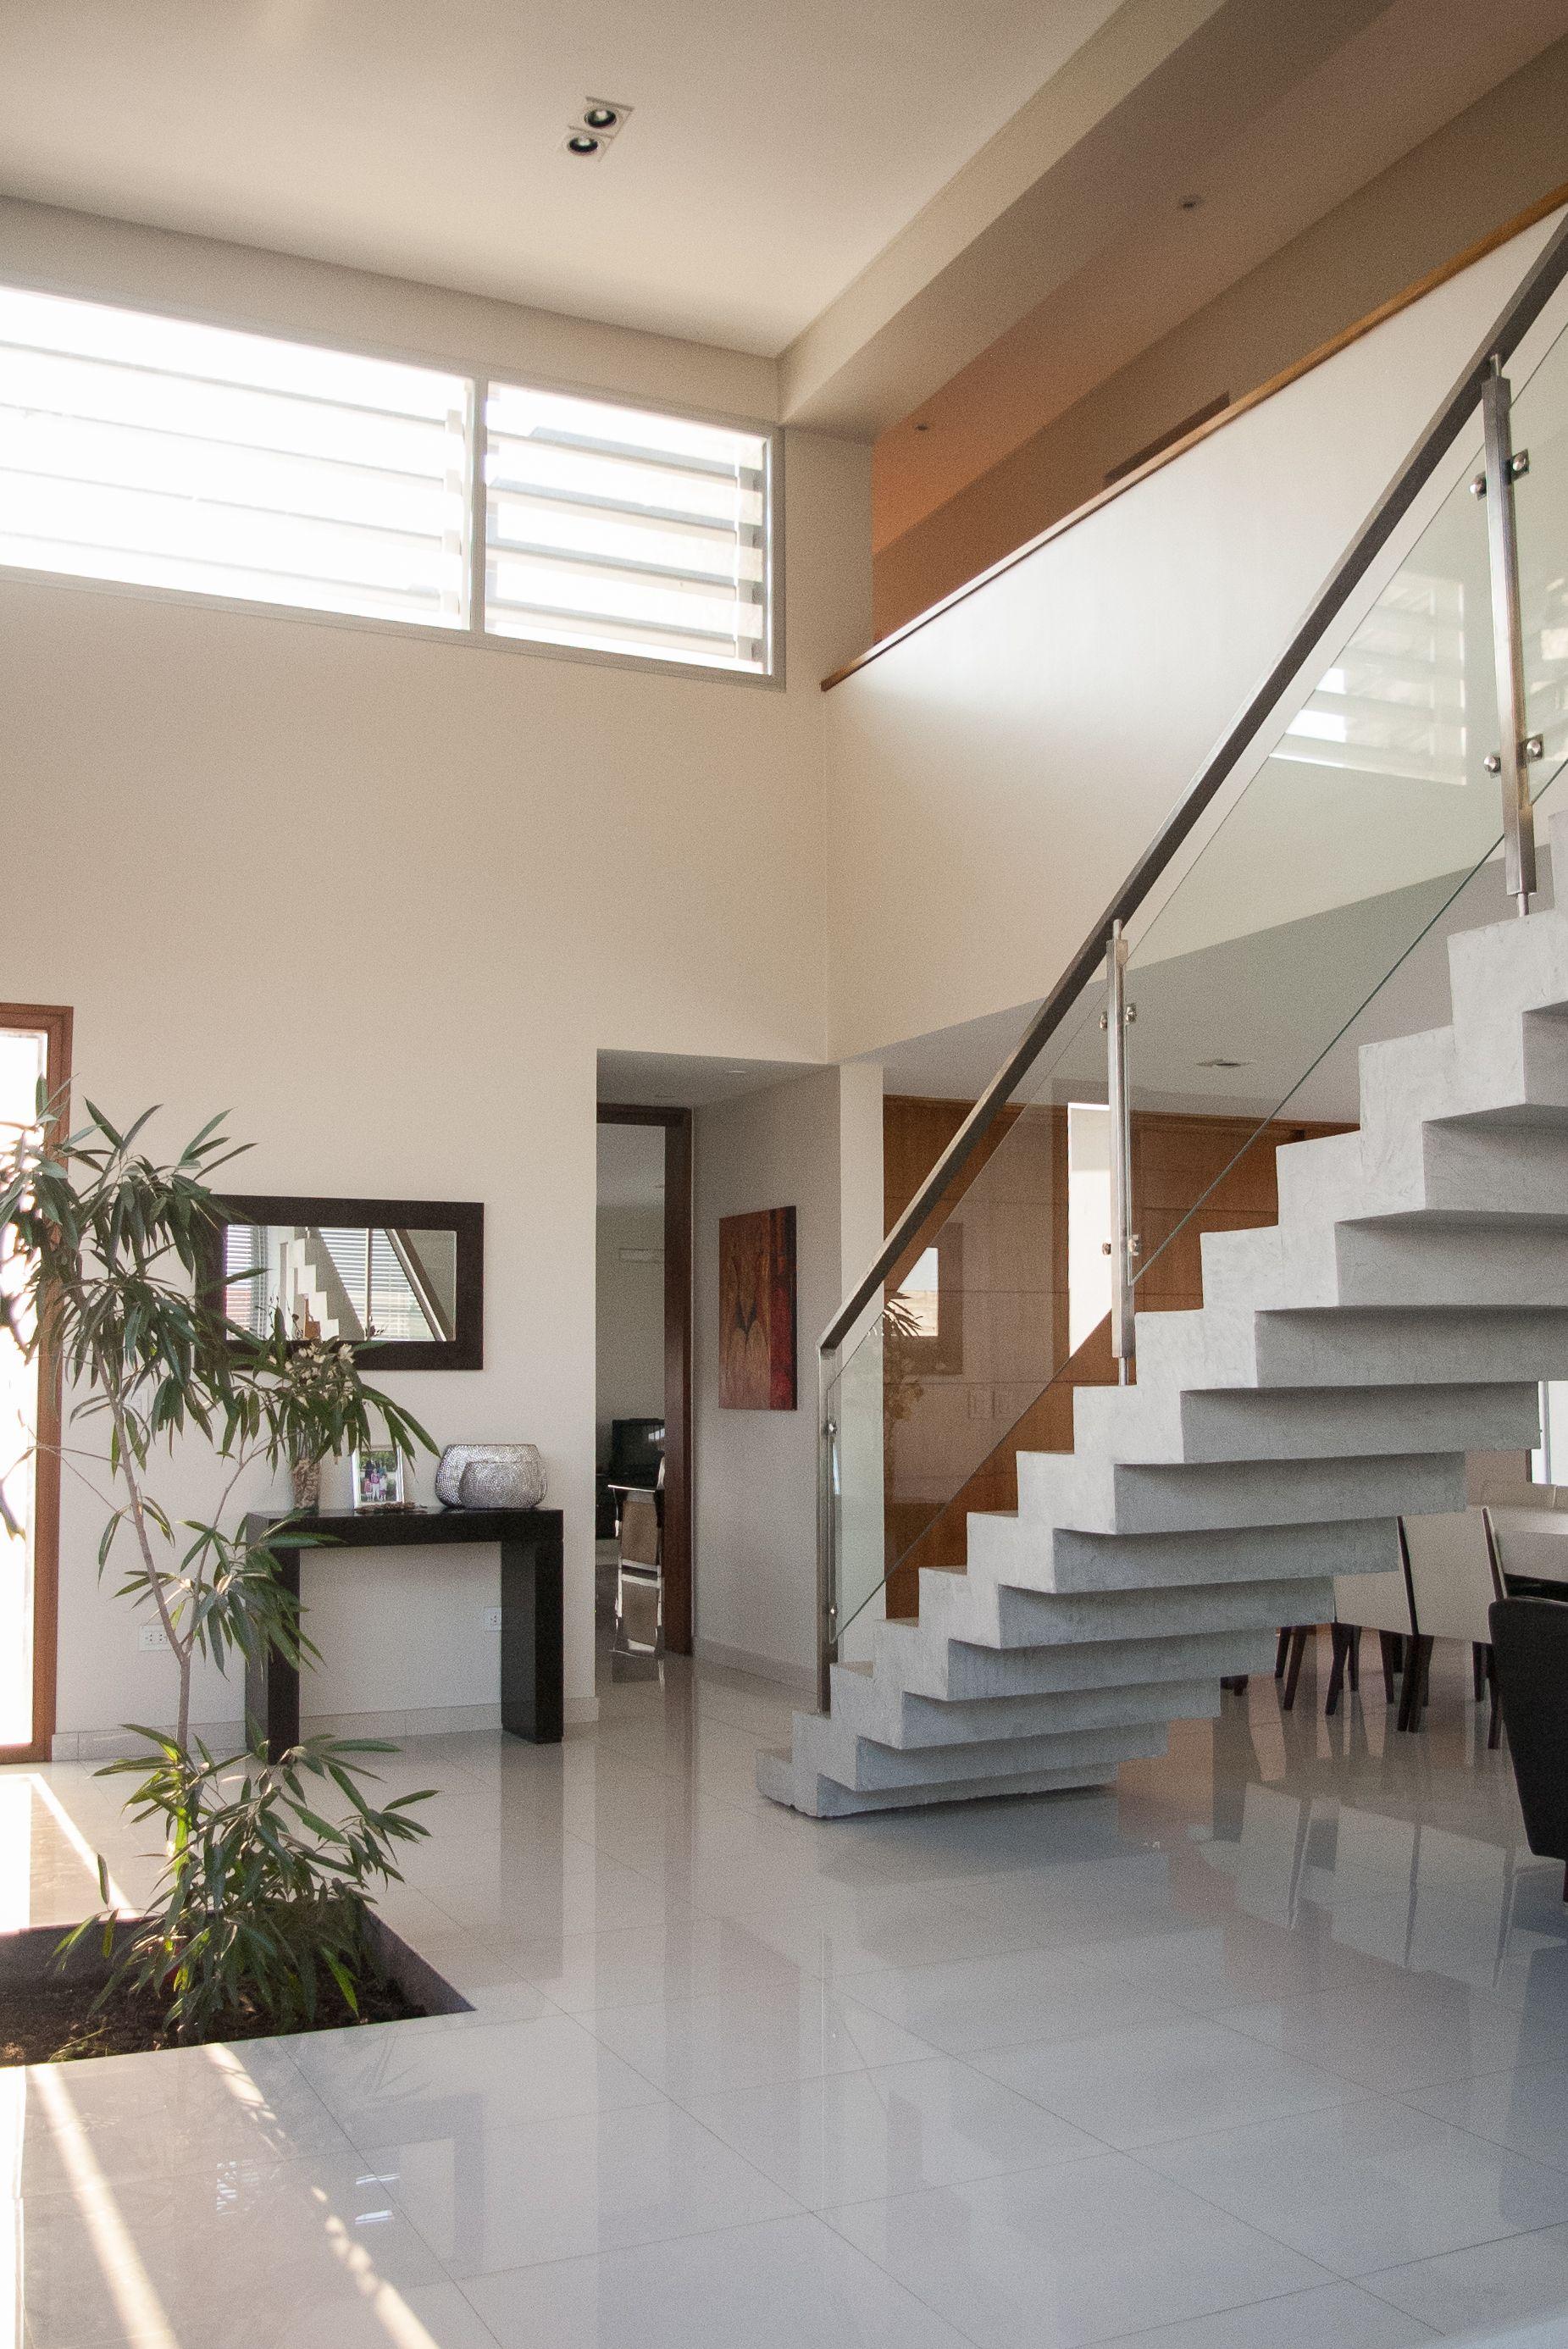 Doble altura vegetacion integrada a los ambientes - Iluminacion escaleras interiores ...